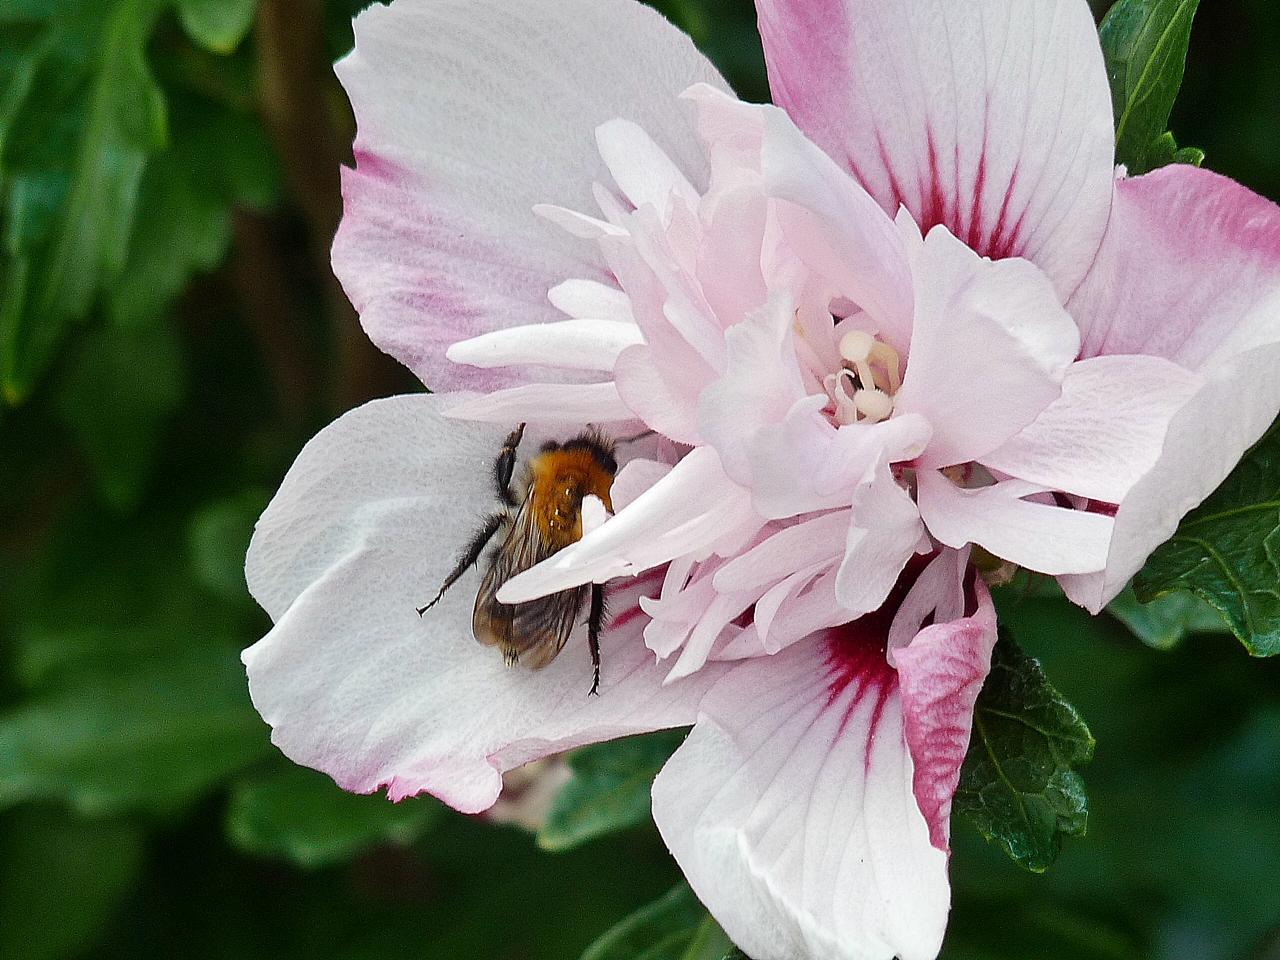 dem Bienchen gefällt die Hibiskusblüte auch